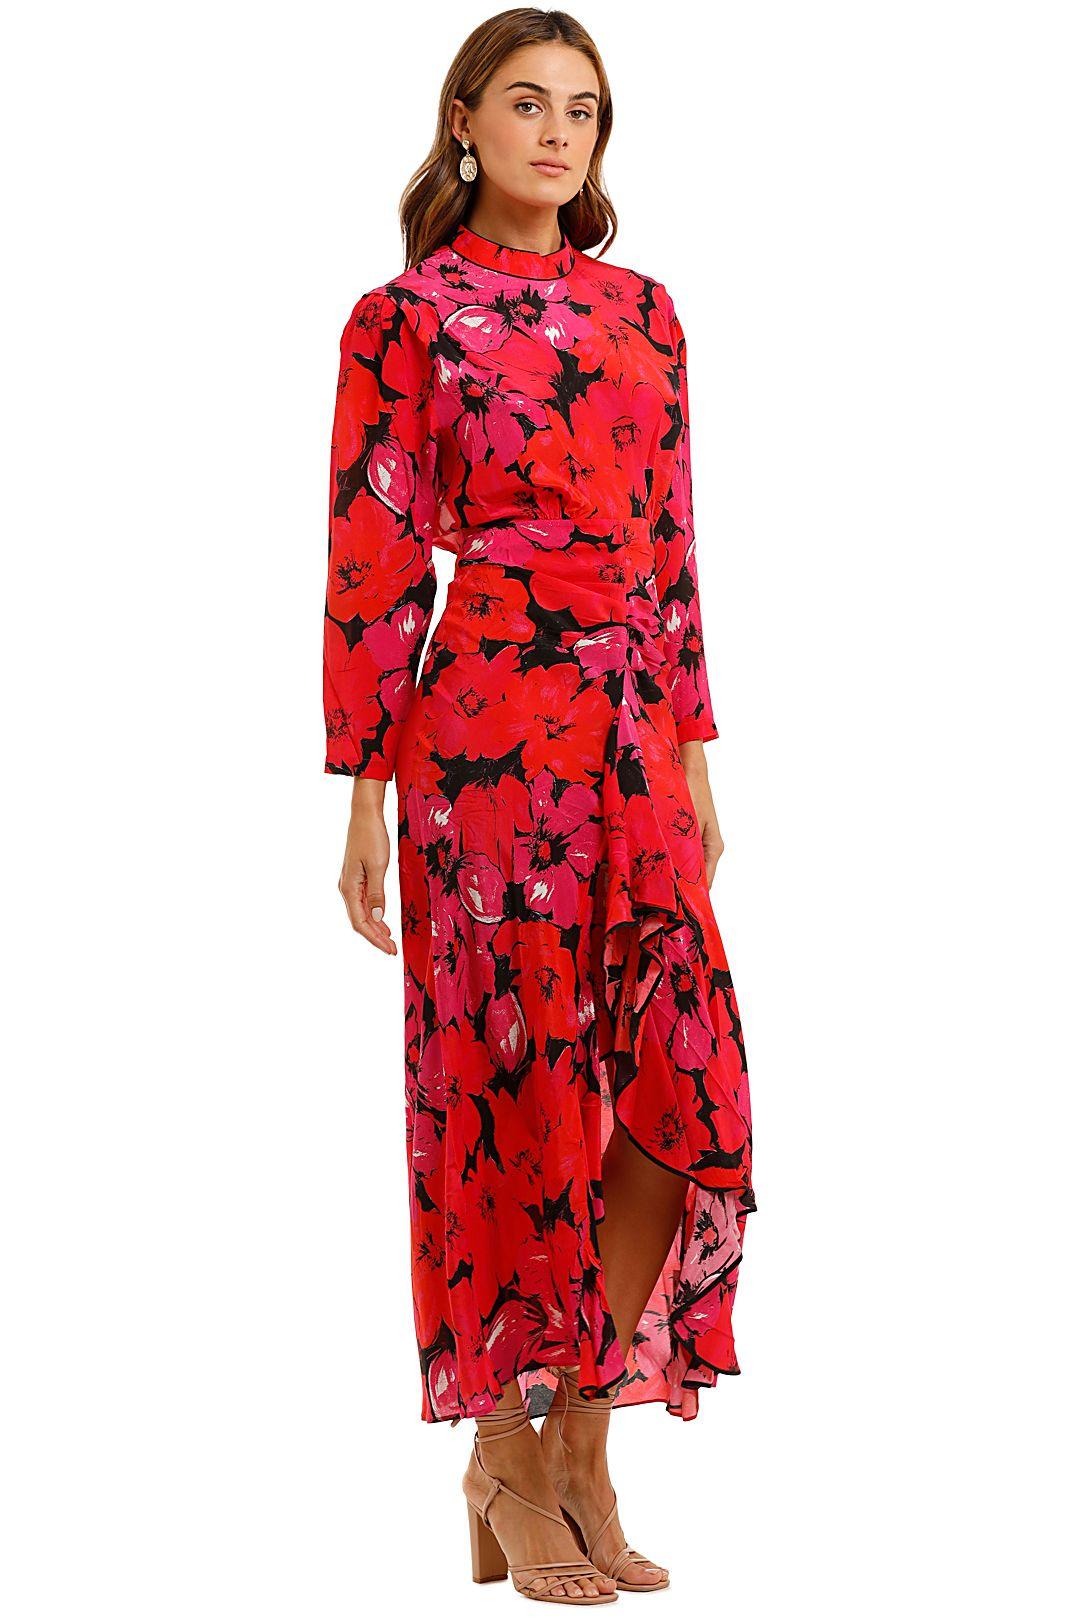 Rixo London Dani Mystic Bloom Maxi Dress Red Pink